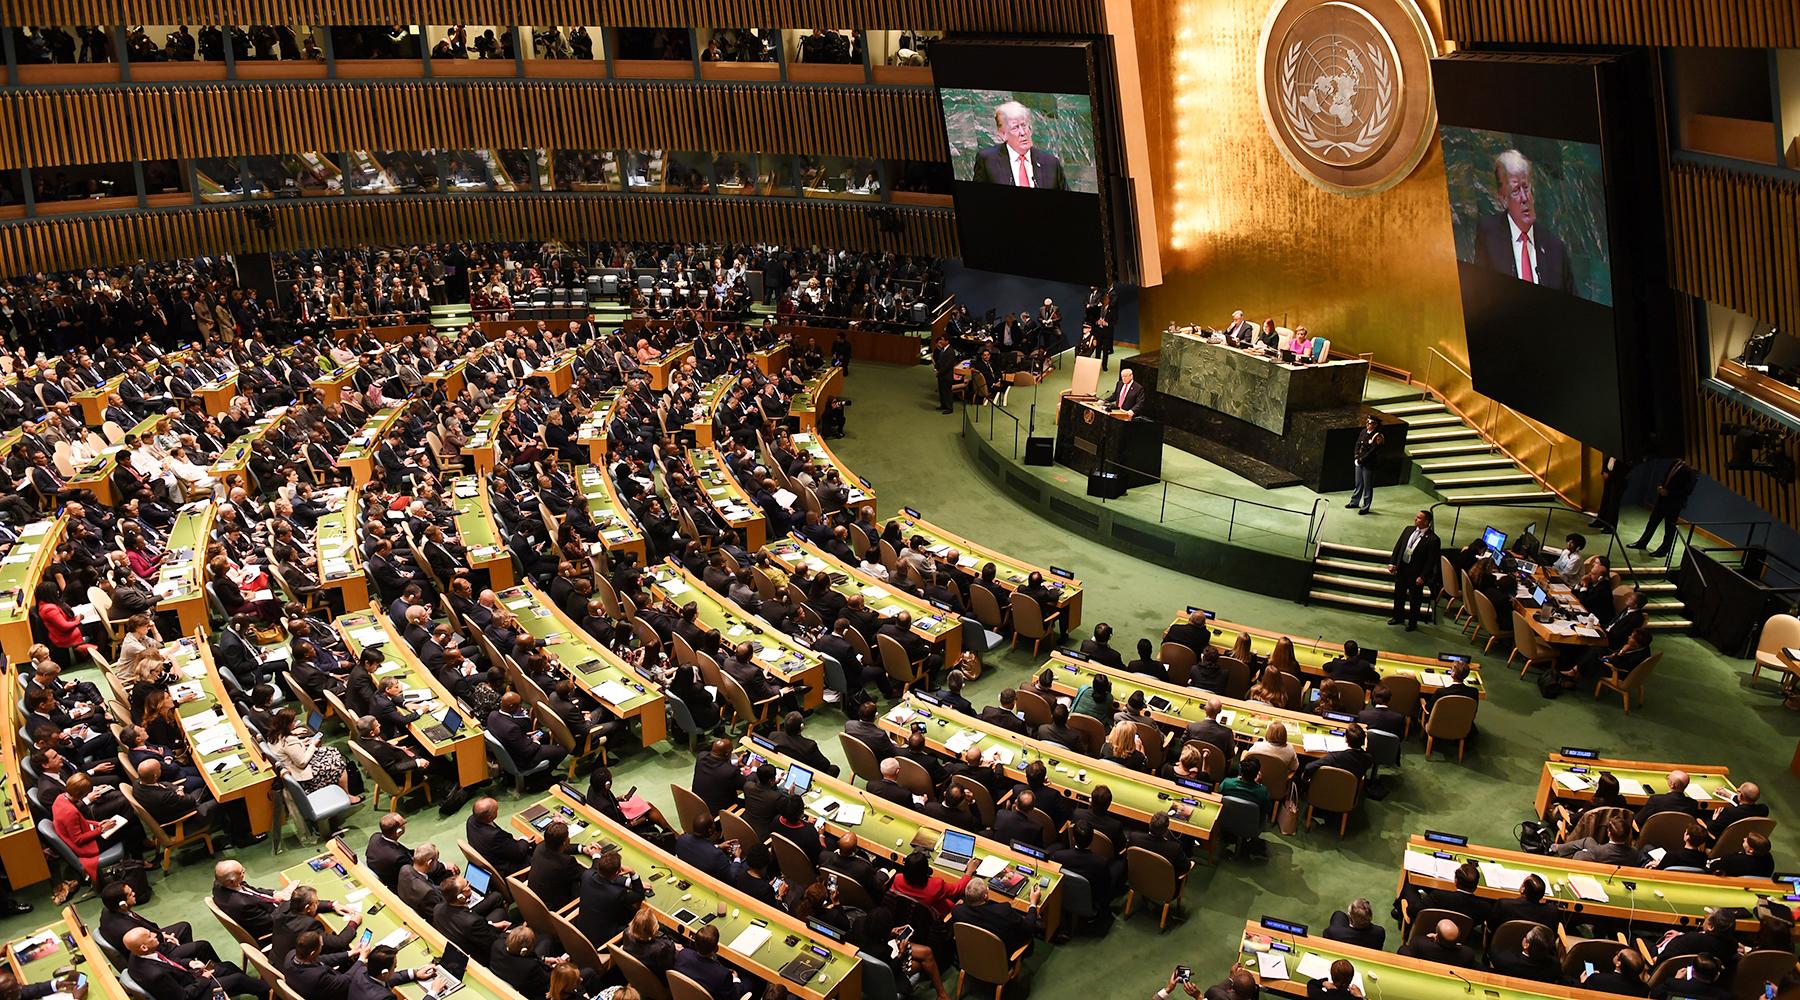 Цифровая дипломатия: Генассамблея ООН приняла резолюцию России о борьбе с киберпреступностью